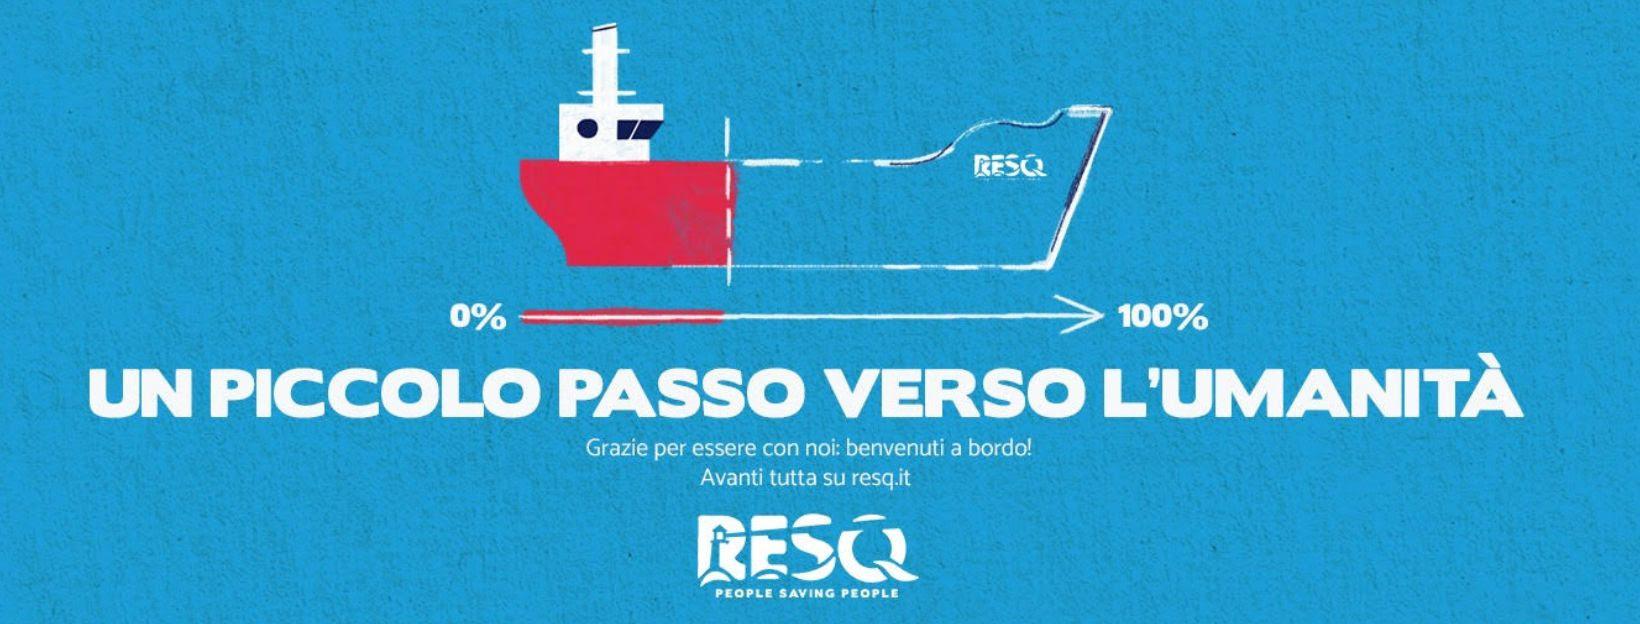 Un successo straordinario, grazie da ResQ!